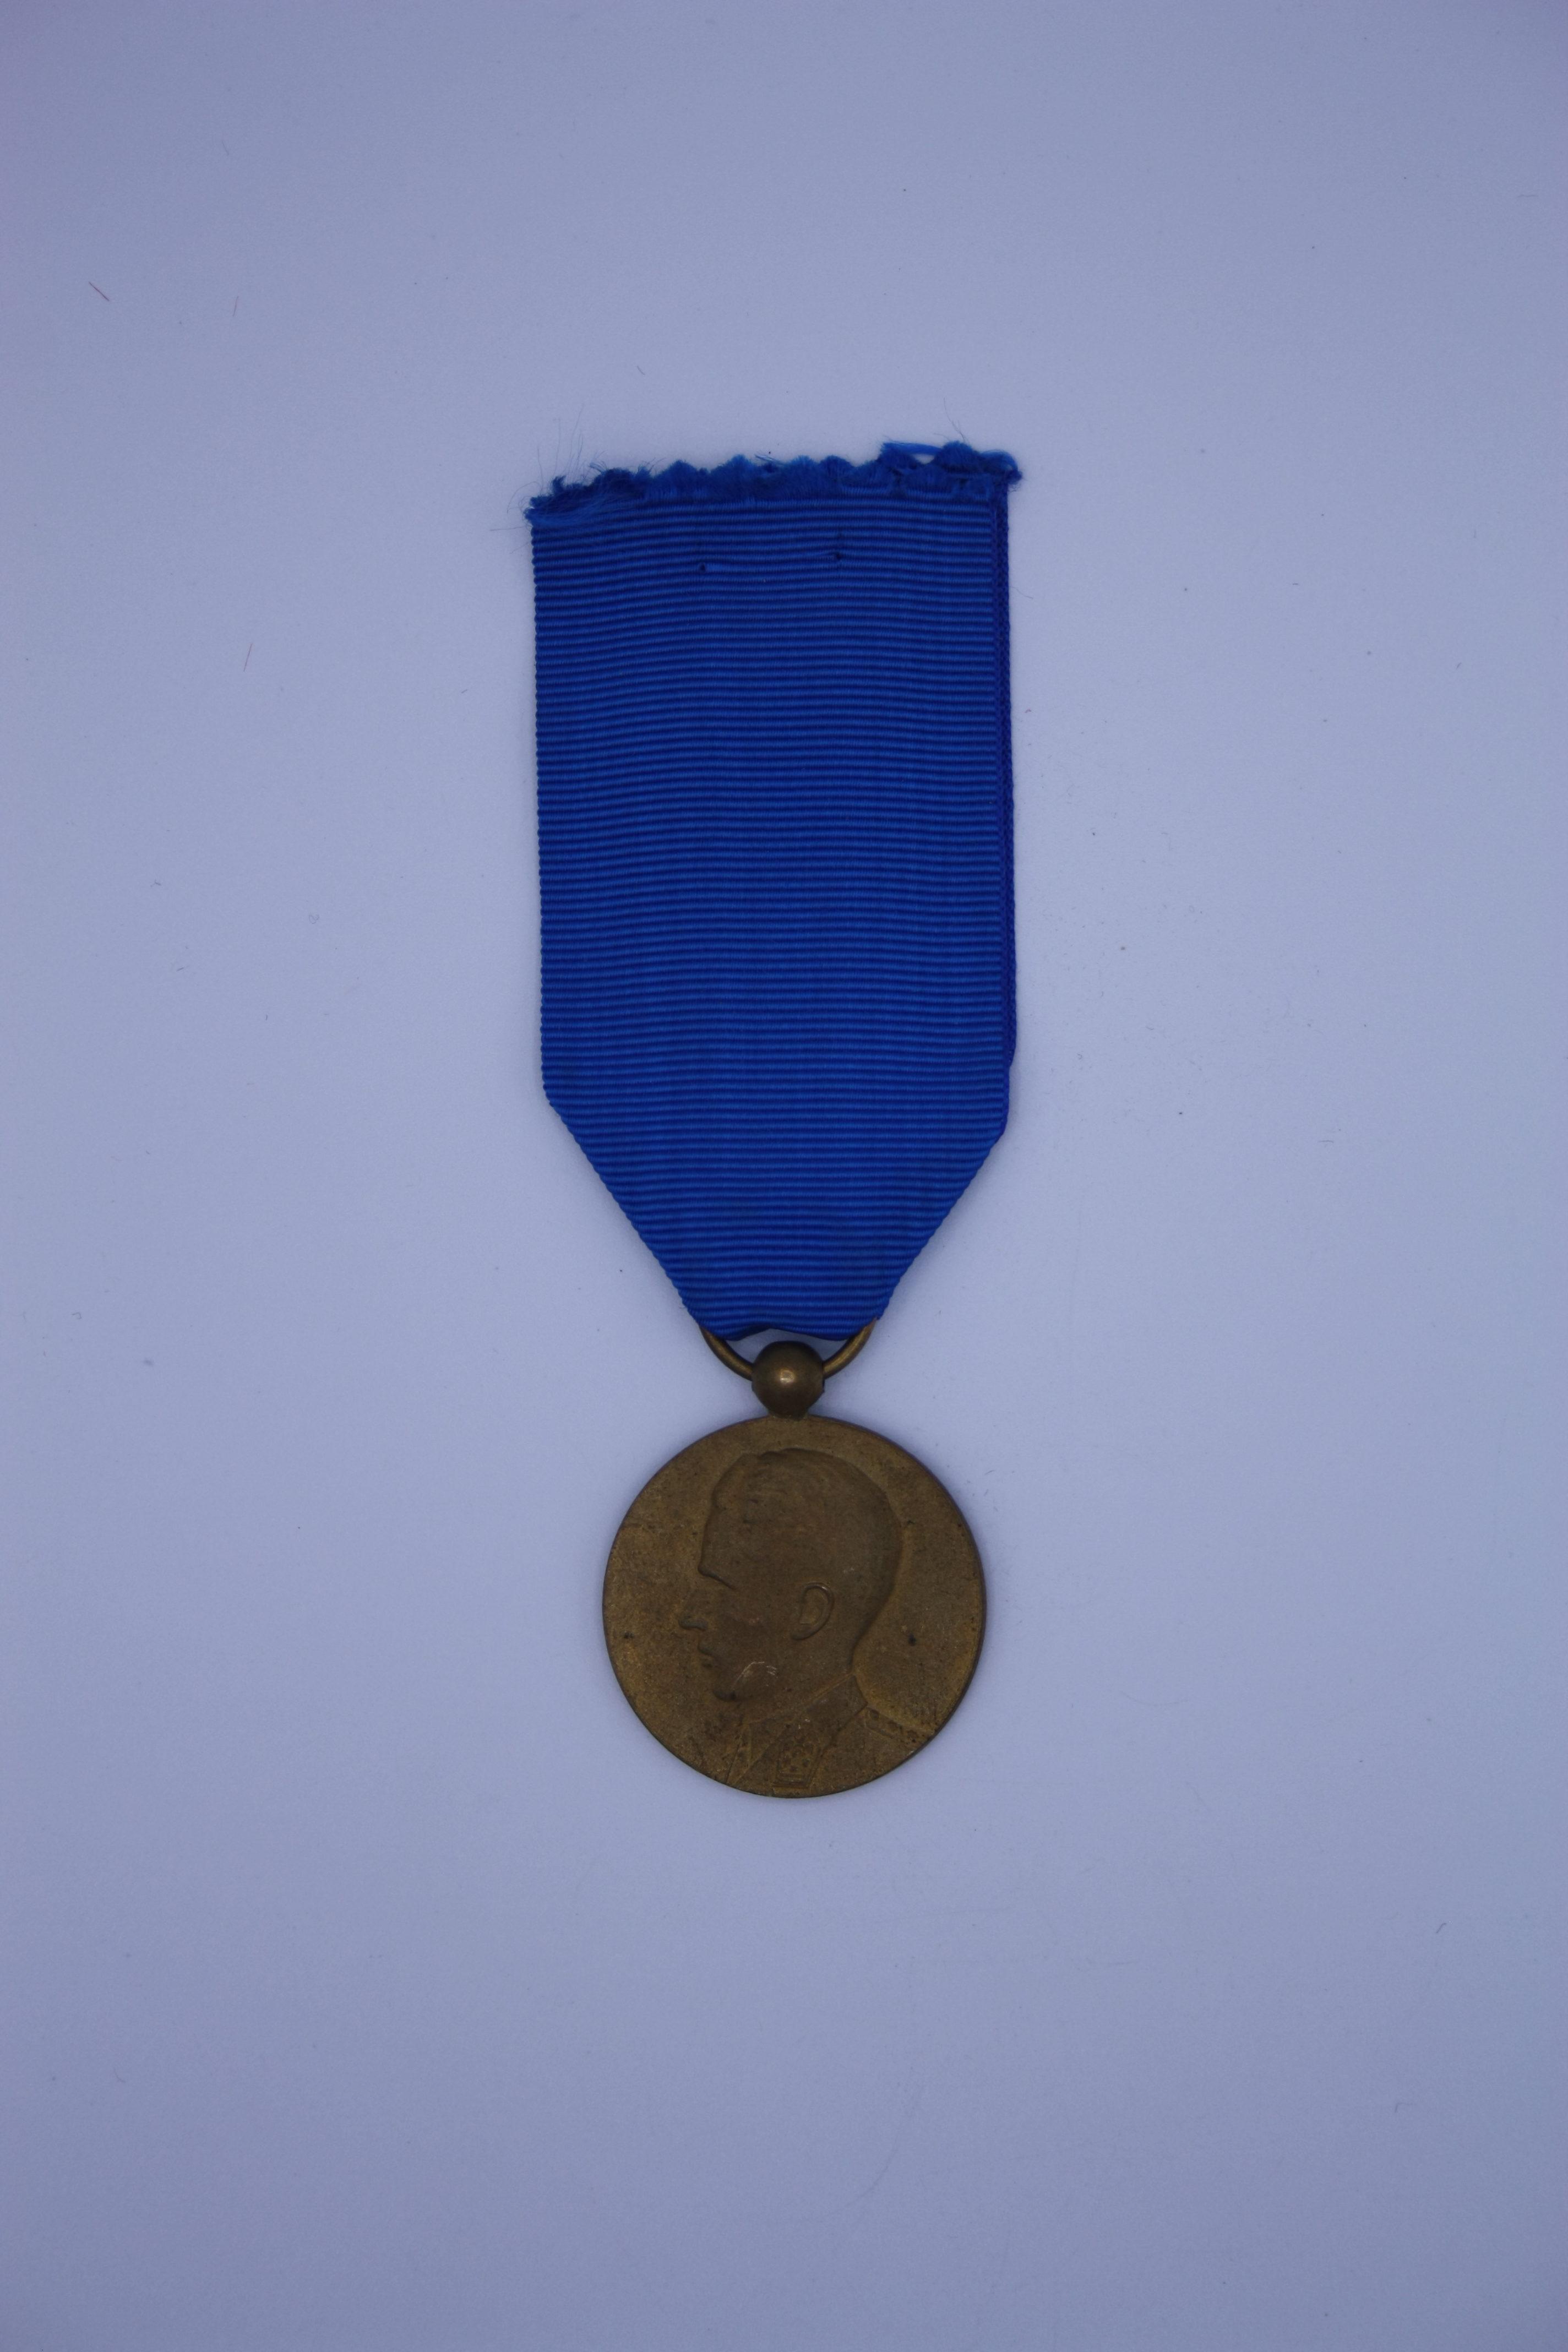 Décoration Belgique - Congo - Médaille de Mérite pour Indigène - Baudouin OR